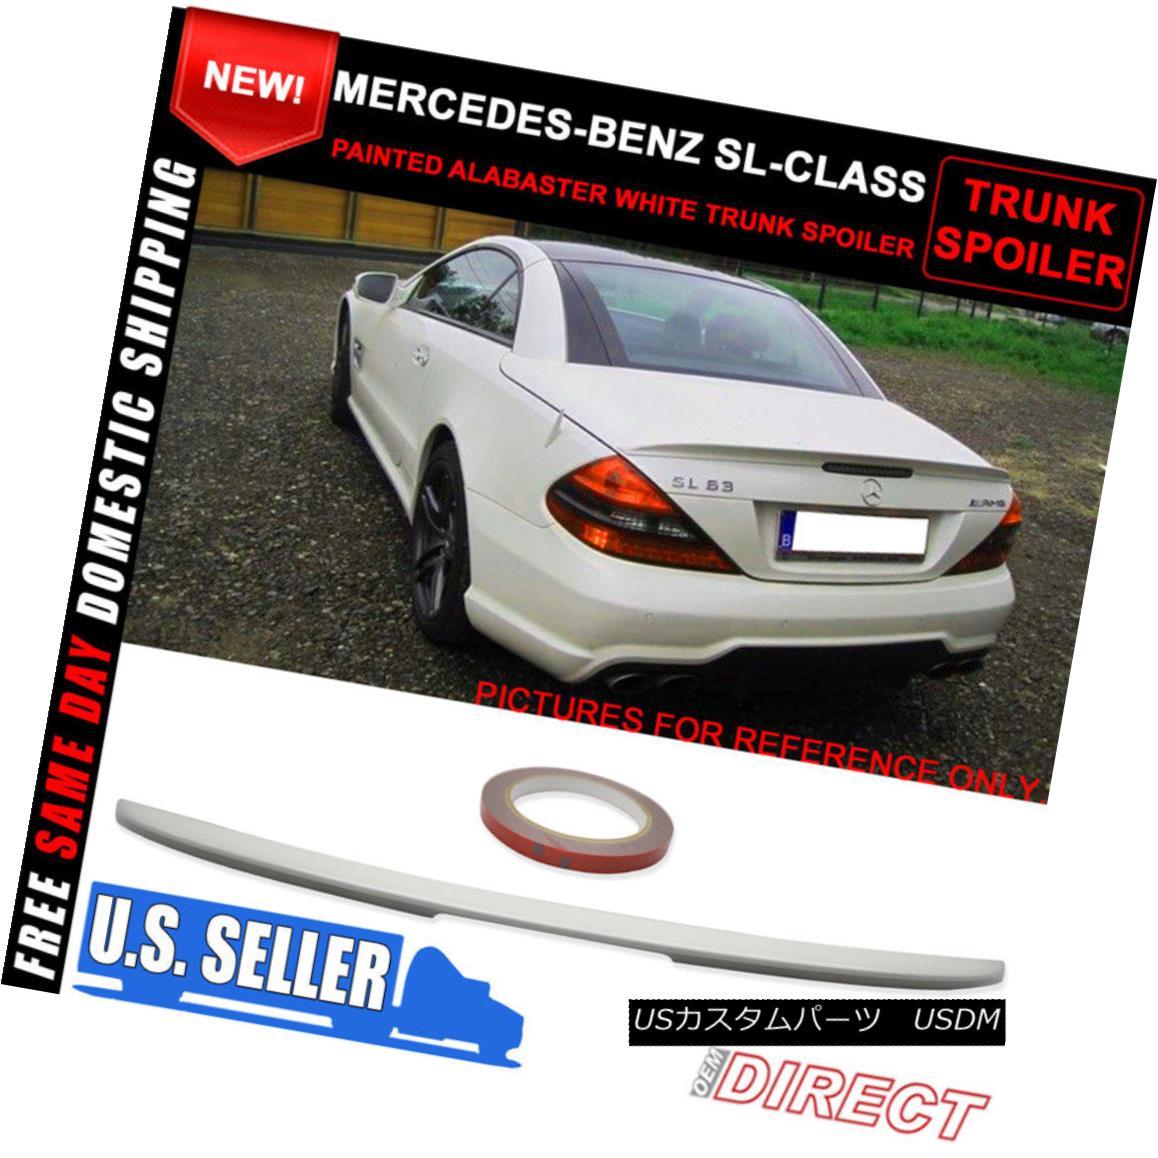 エアロパーツ 03-11 Benz SL Class R230 AMG Style Trunk ABS Spoiler Paint Alabaster White #960 03-11ベンツSLクラスR230 AMGスタイルトランクABSスポイラーペイントアラバスターホワイト#960